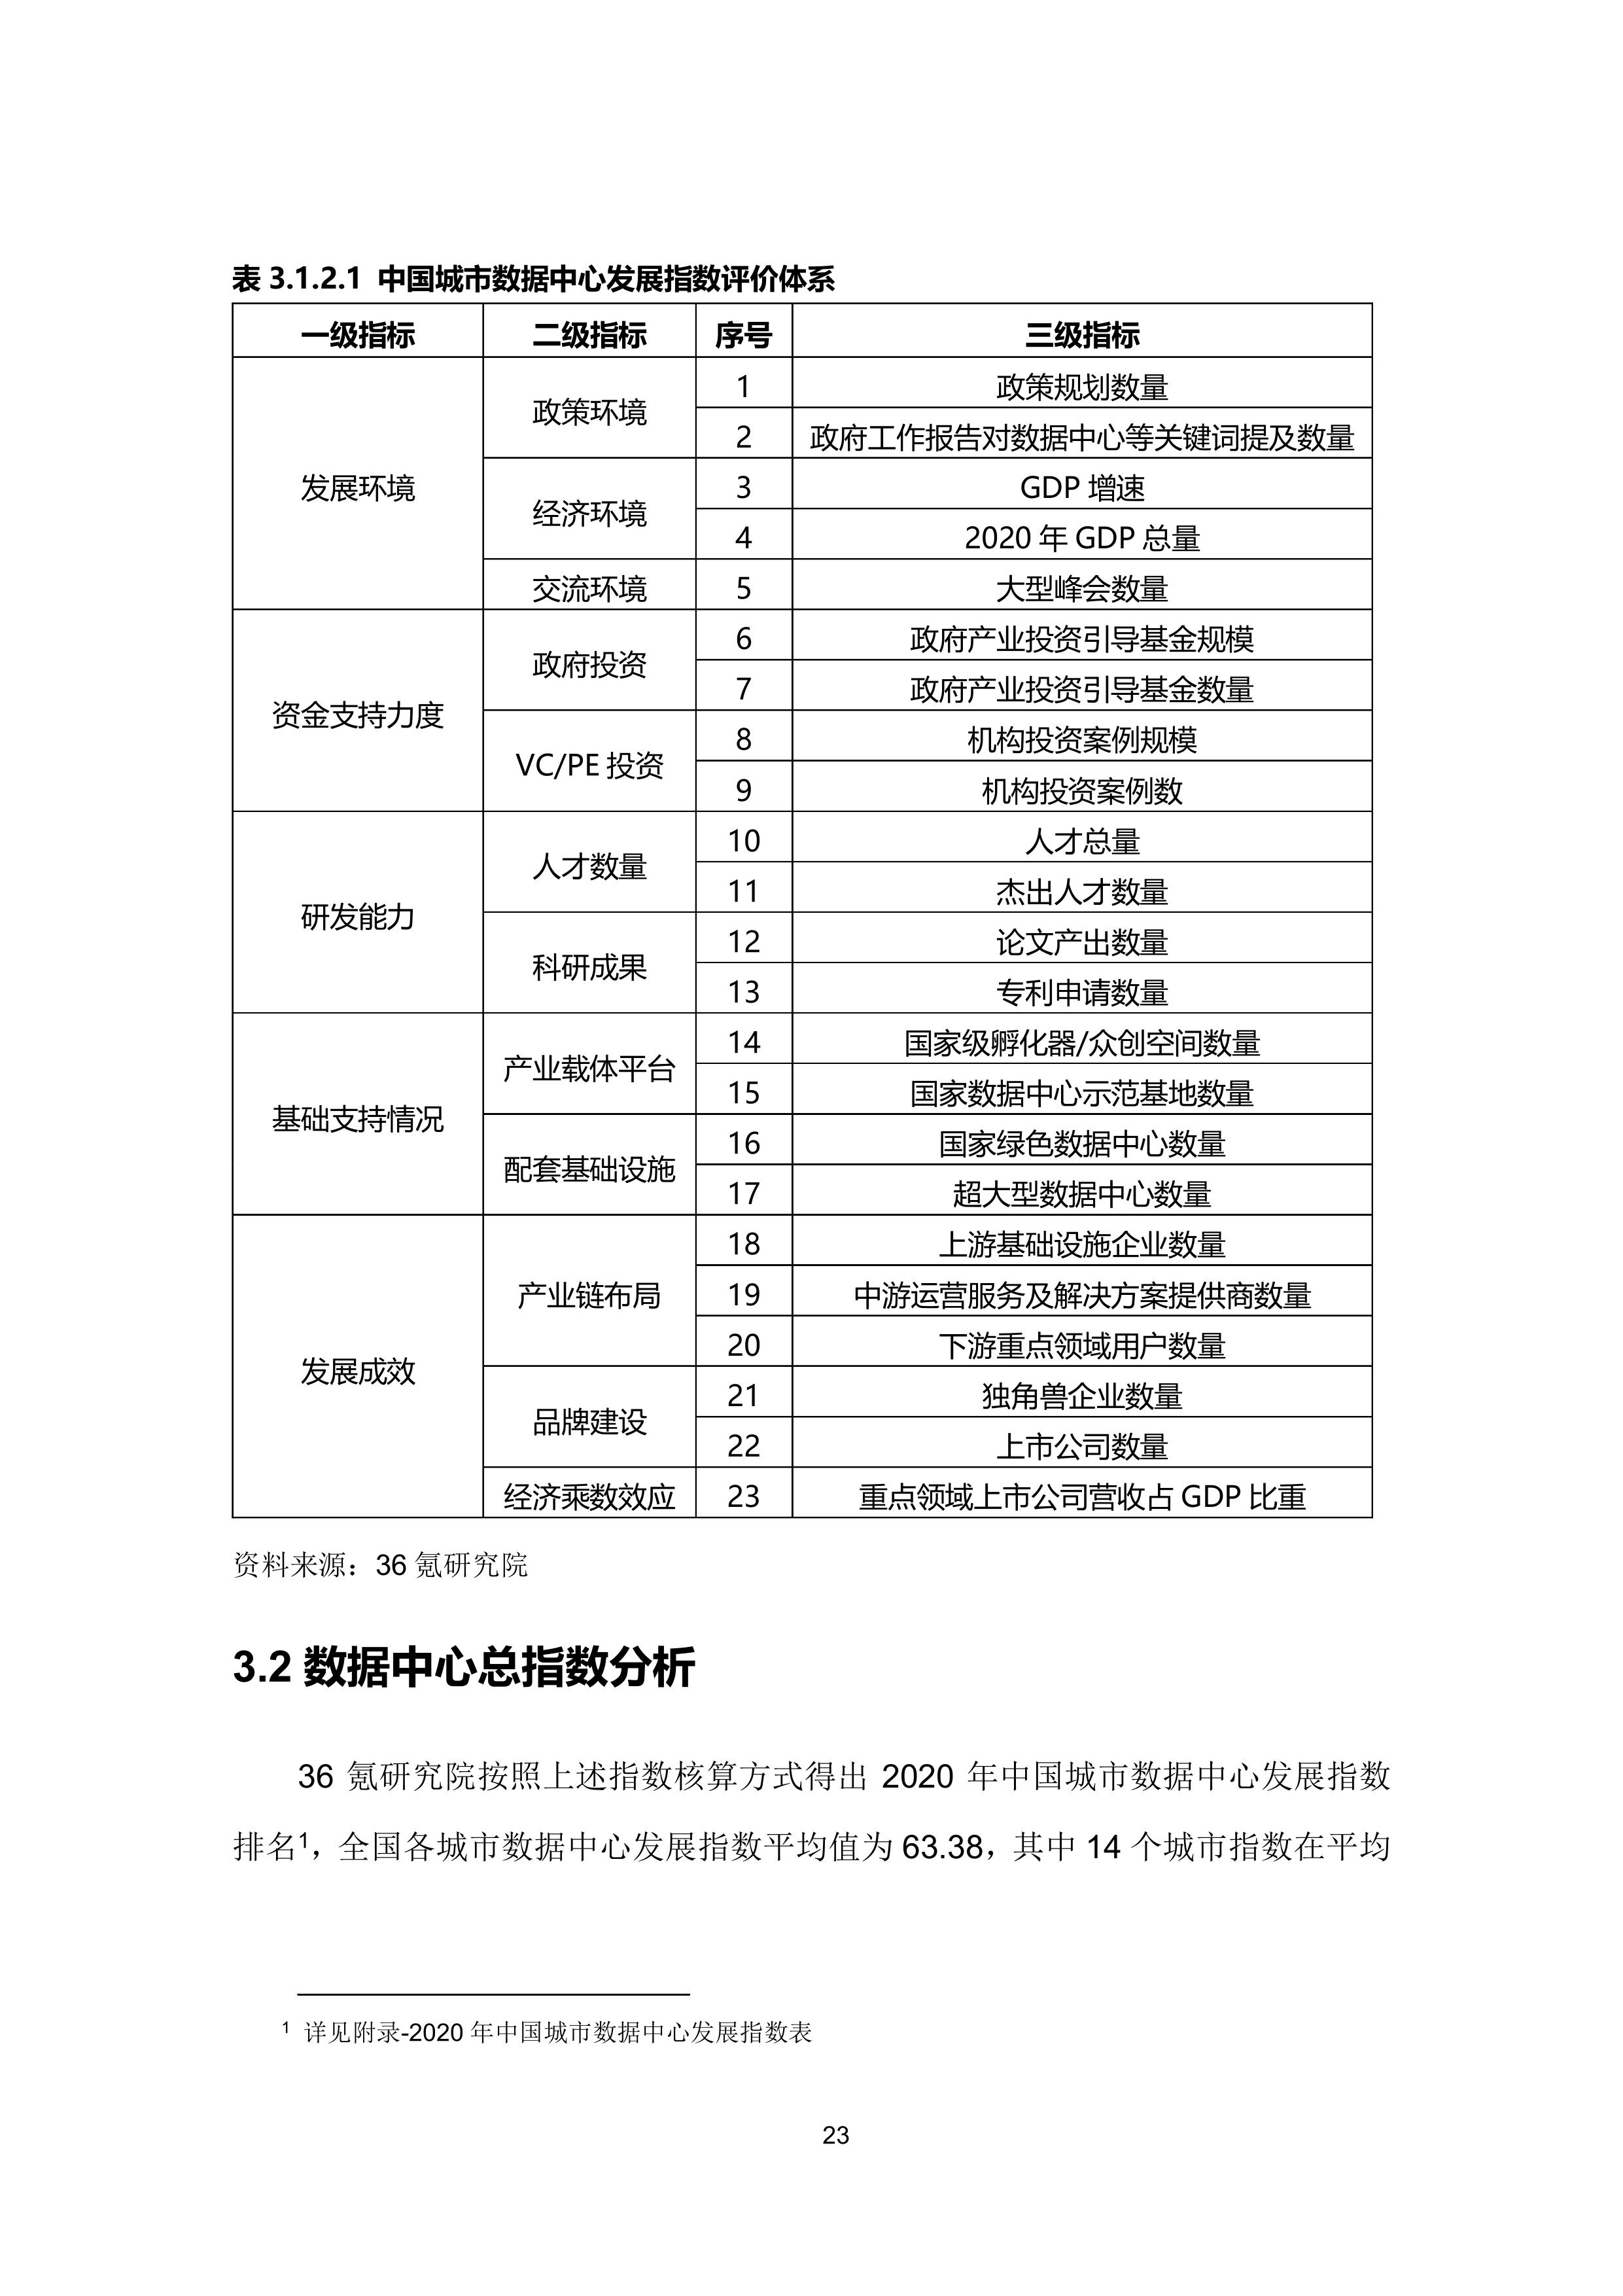 36氪研究院 - 新基建系列之:2020年中国城市数据中心发展指数报告-大菠萝官网(图34)